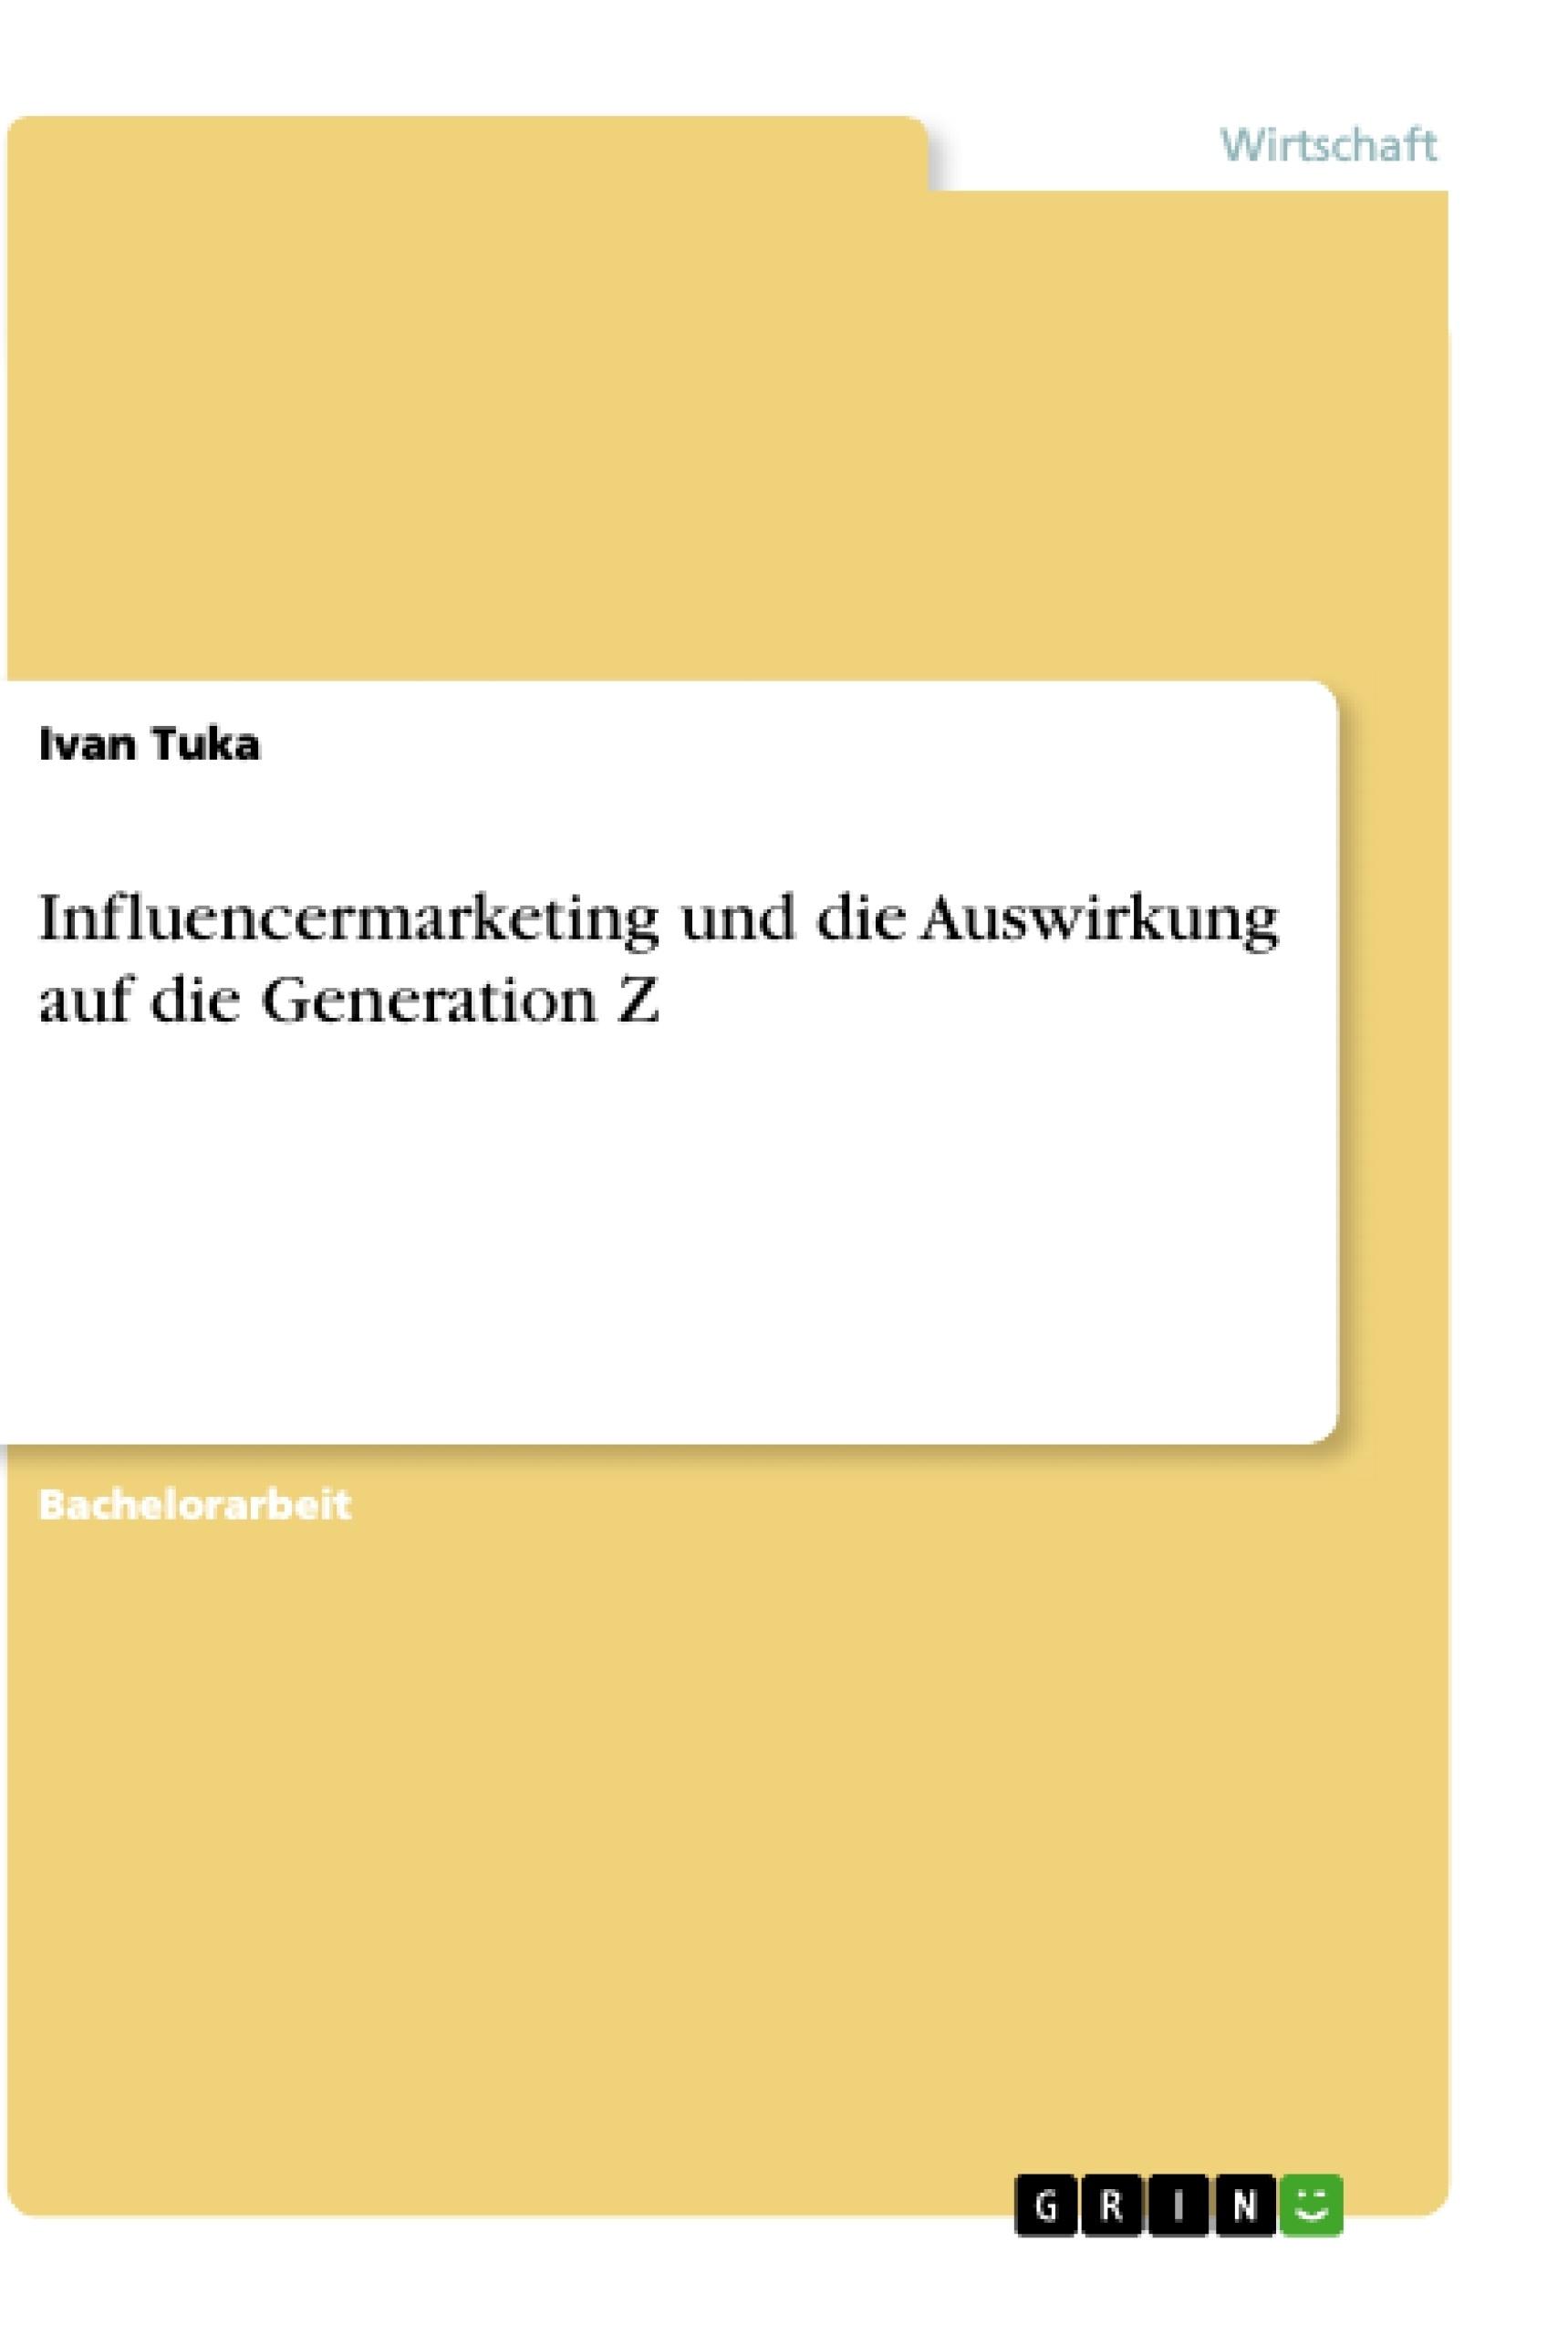 Titel: Influencermarketing und die Auswirkung auf die Generation Z